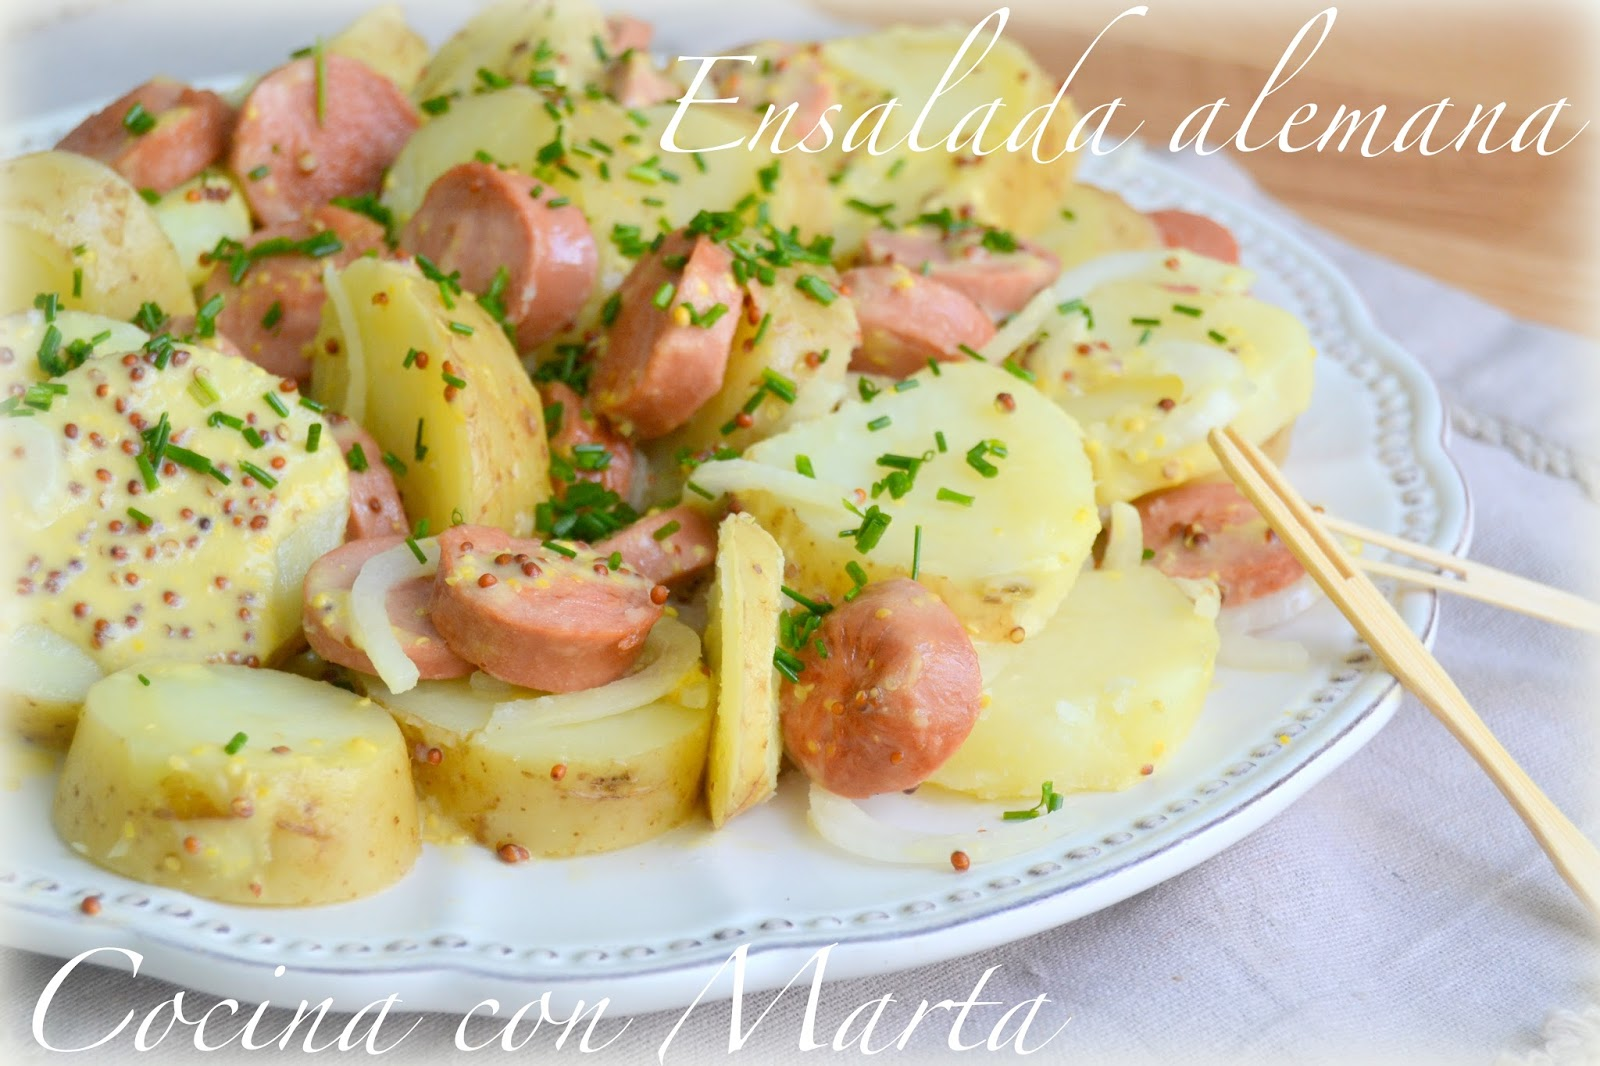 Receta casera de ensalada alemana, con patatas, salchichas y mostaza. Fácil y rápida.